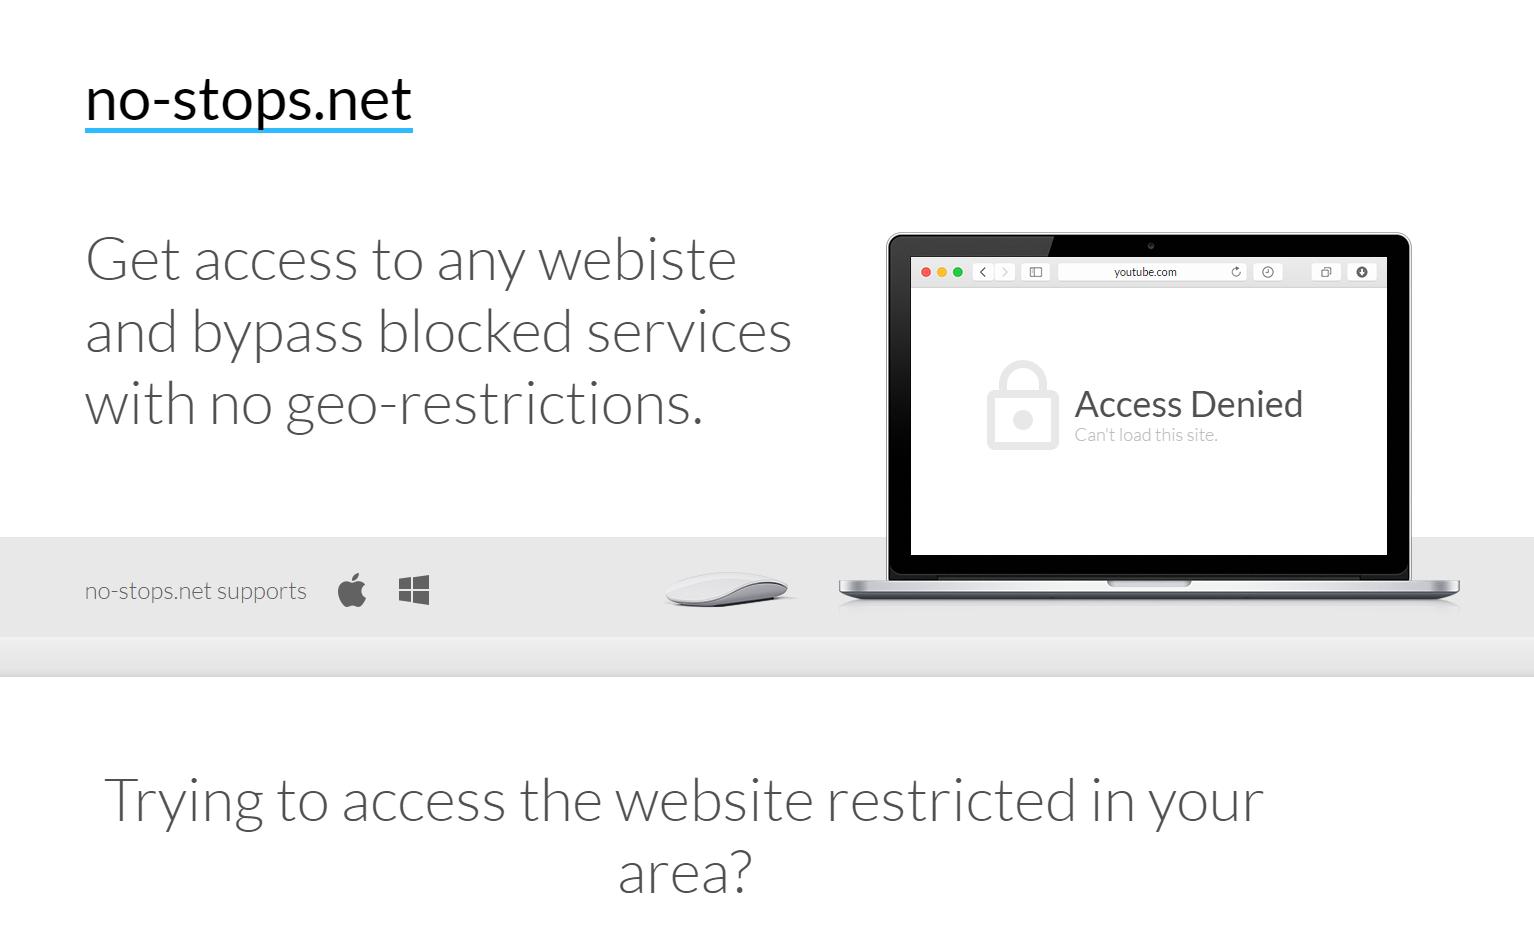 No-stops.net Ads